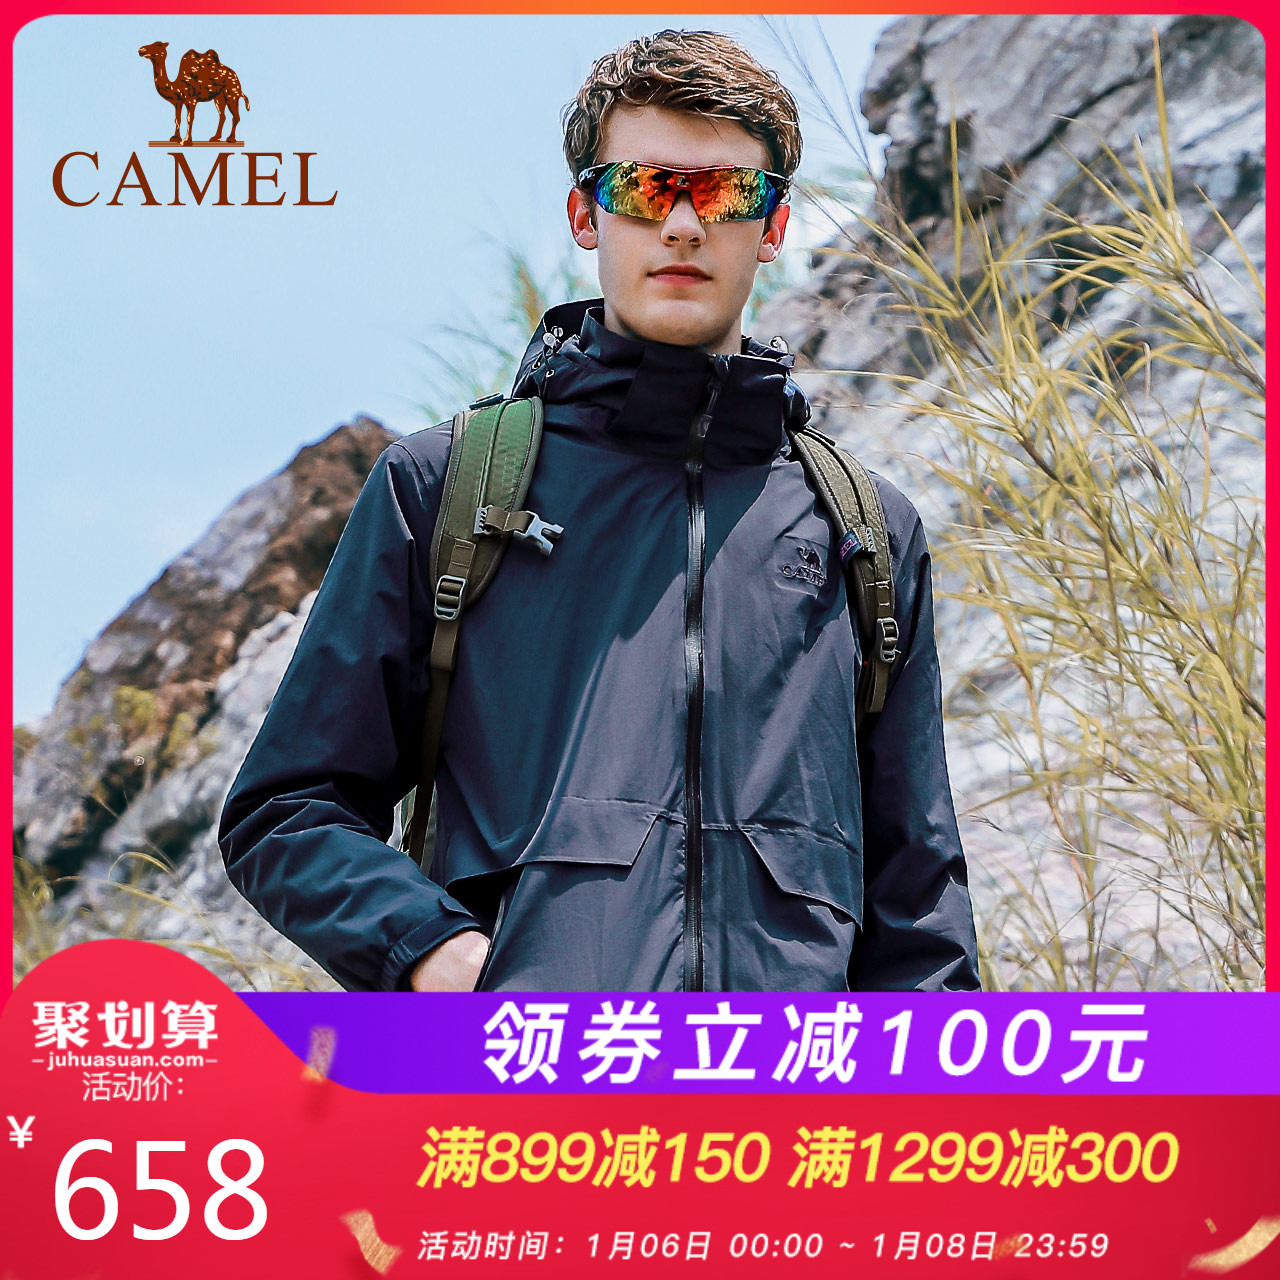 【2018新品】骆驼户外冲锋衣 潮牌男保暖防水三合一两件套冲锋衣